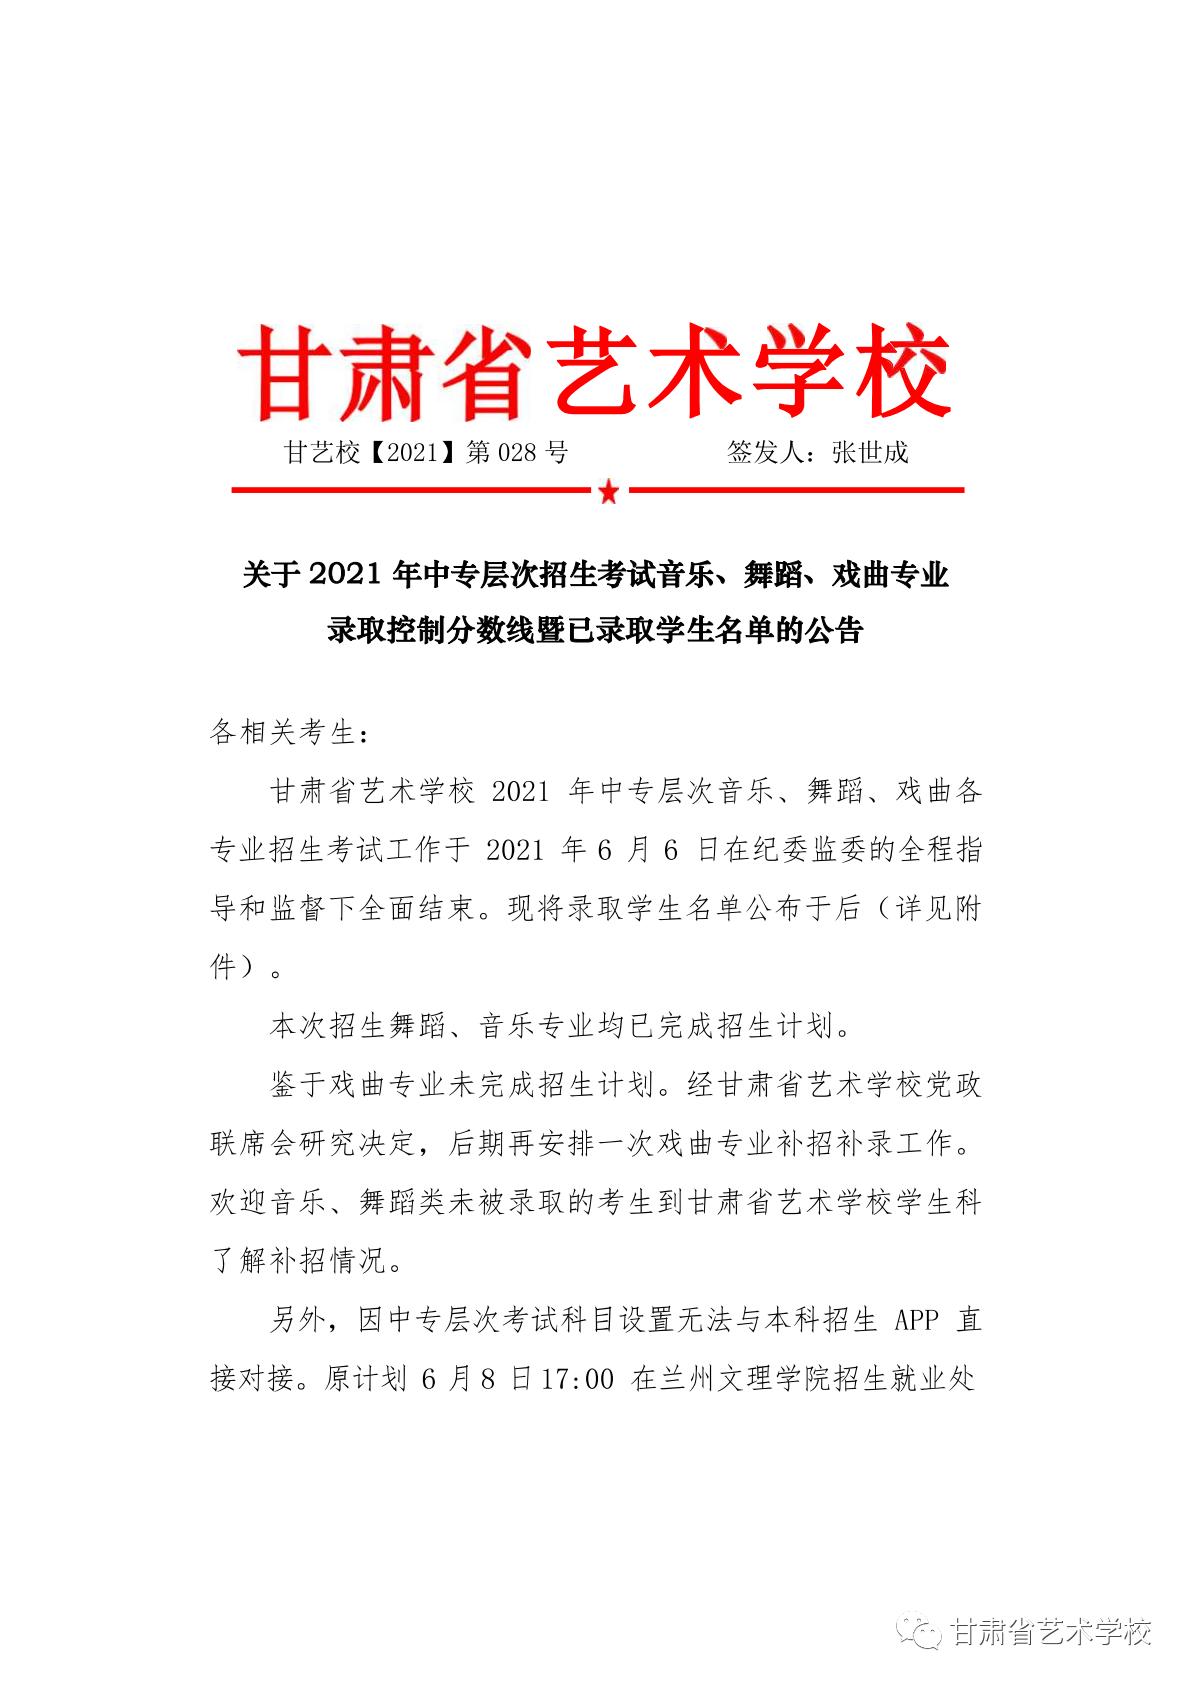 2021年甘肅省藝術學校中專層次招生考試音樂戲曲舞蹈錄取控制分數線暨已錄取學生名單公告